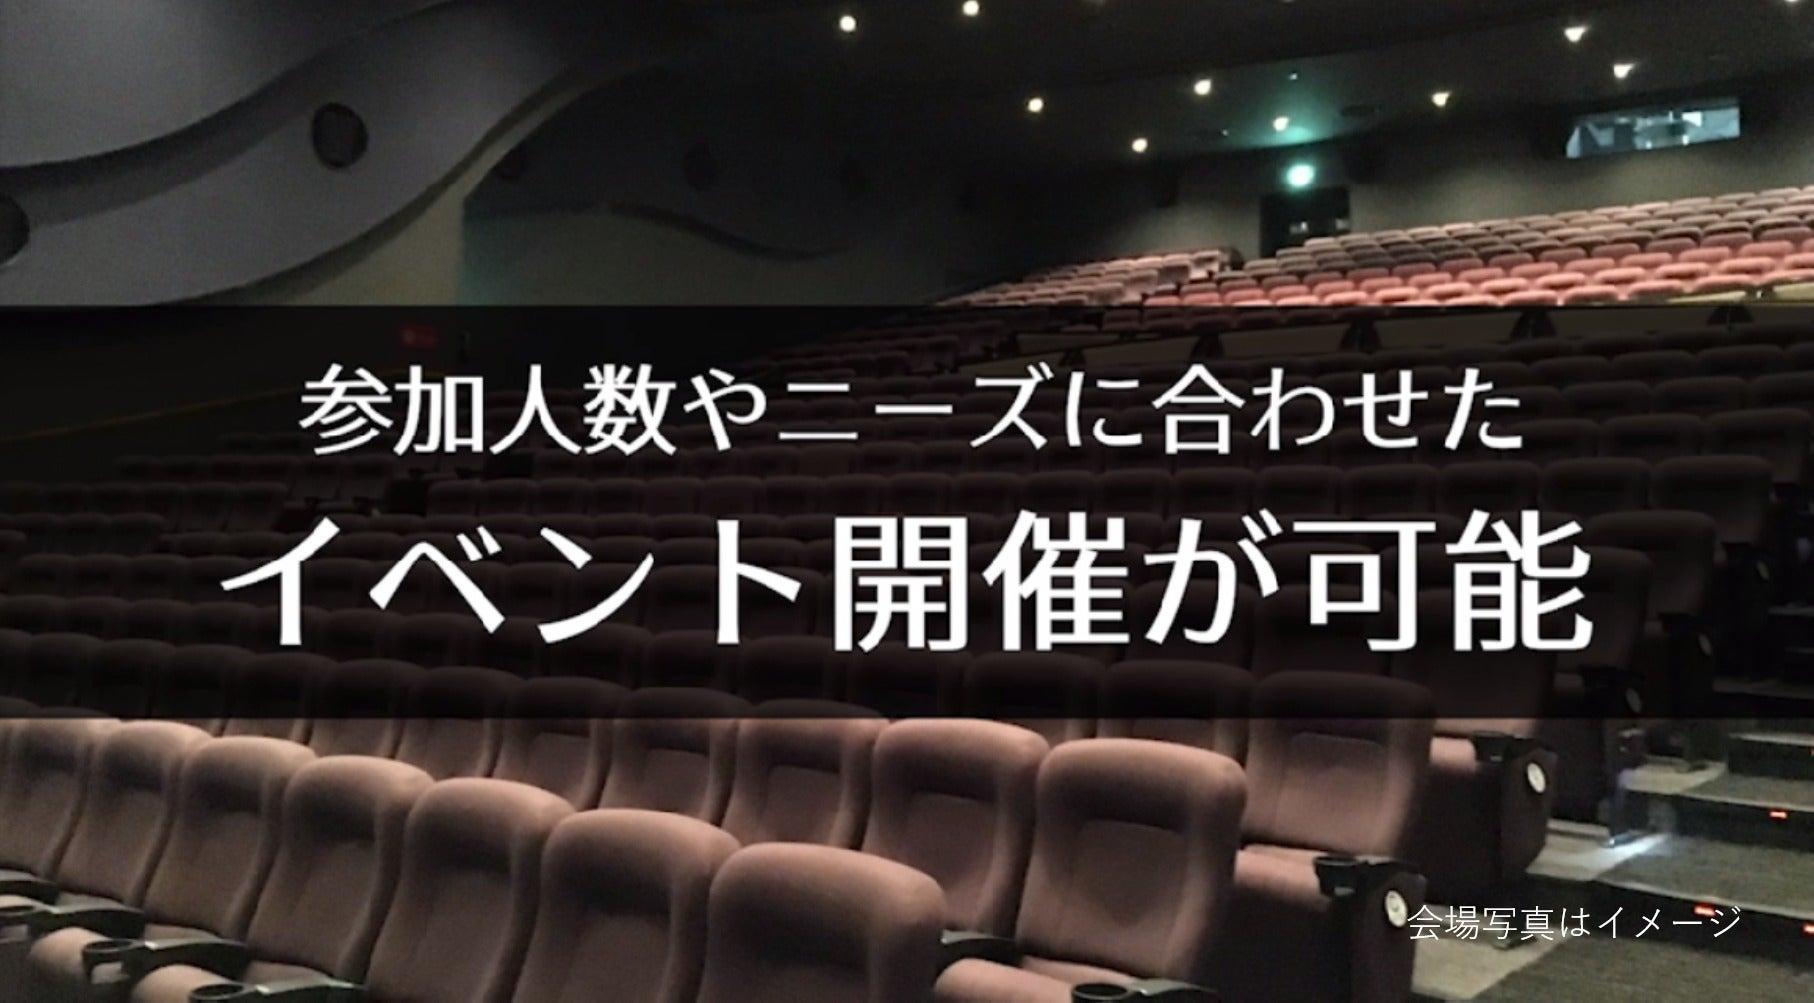 【長崎 233席】映画館で、会社説明会、株主総会、講演会の企画はいかがですか?(ユナイテッド・シネマ長崎) の写真0